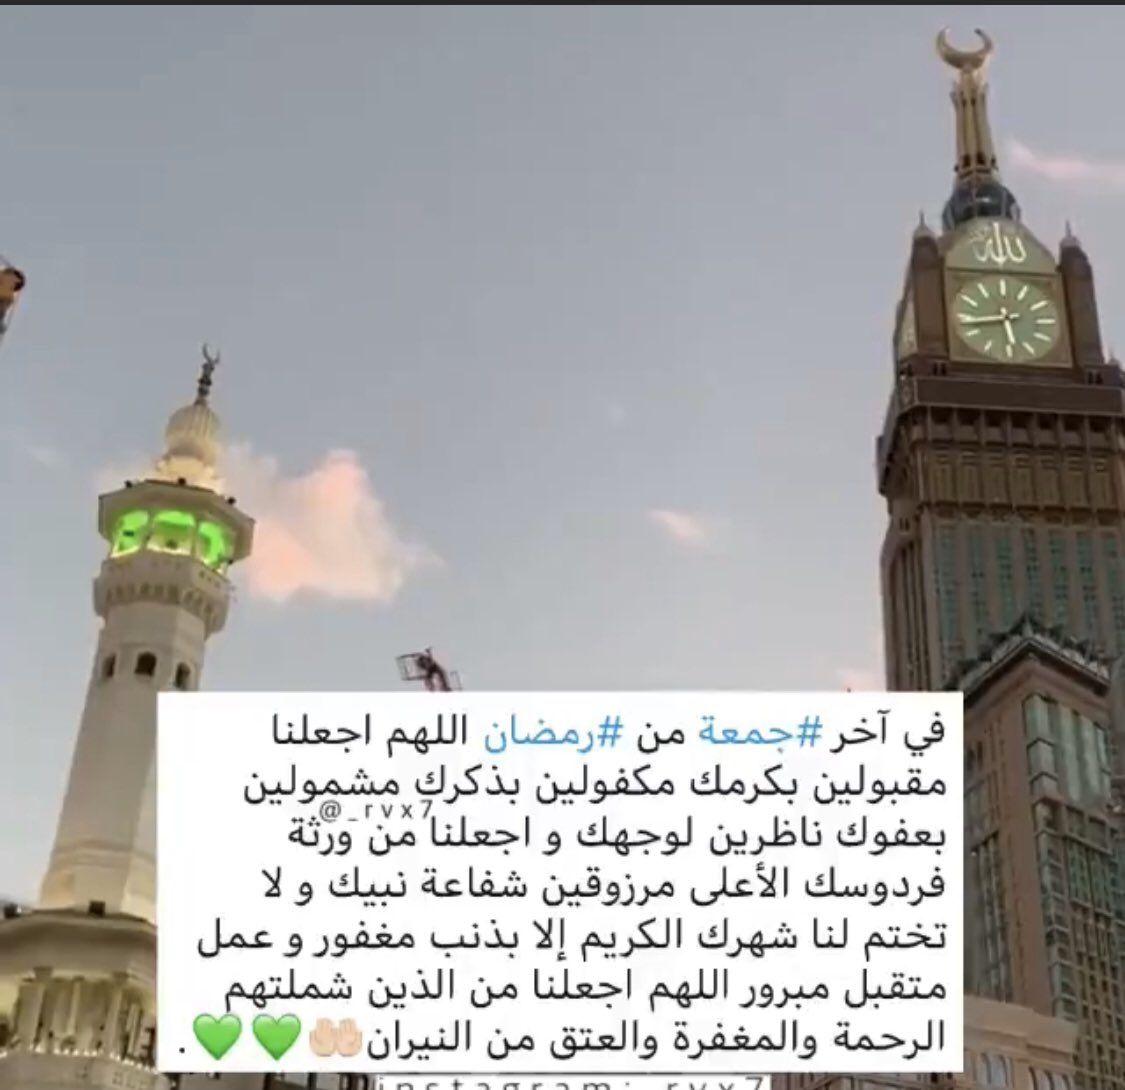 اللهم انها آخر جمعة في شهر رمضان